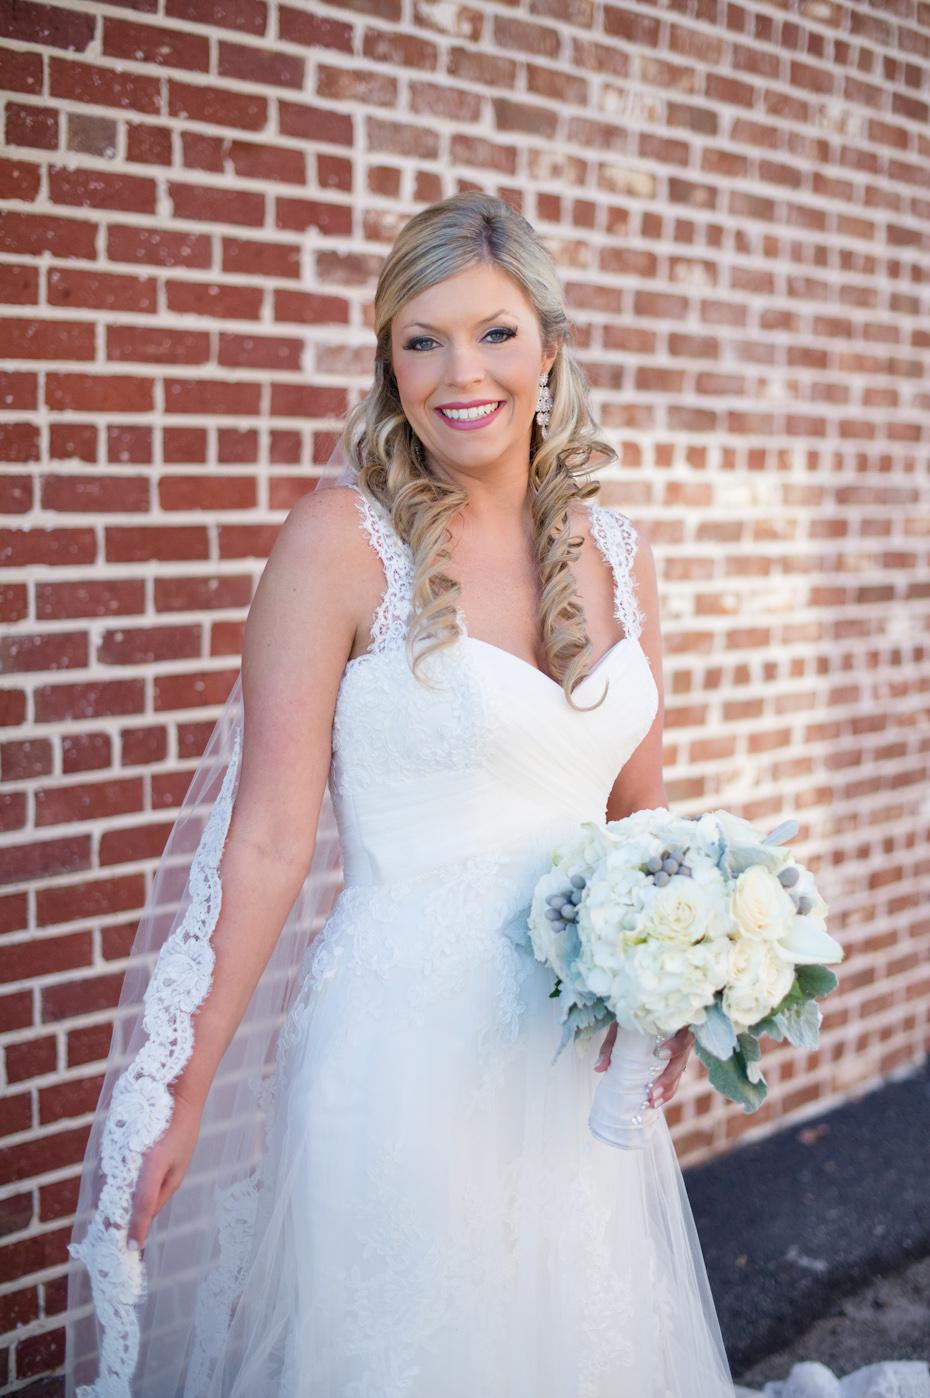 Bride in Pronovias Wedding Dress